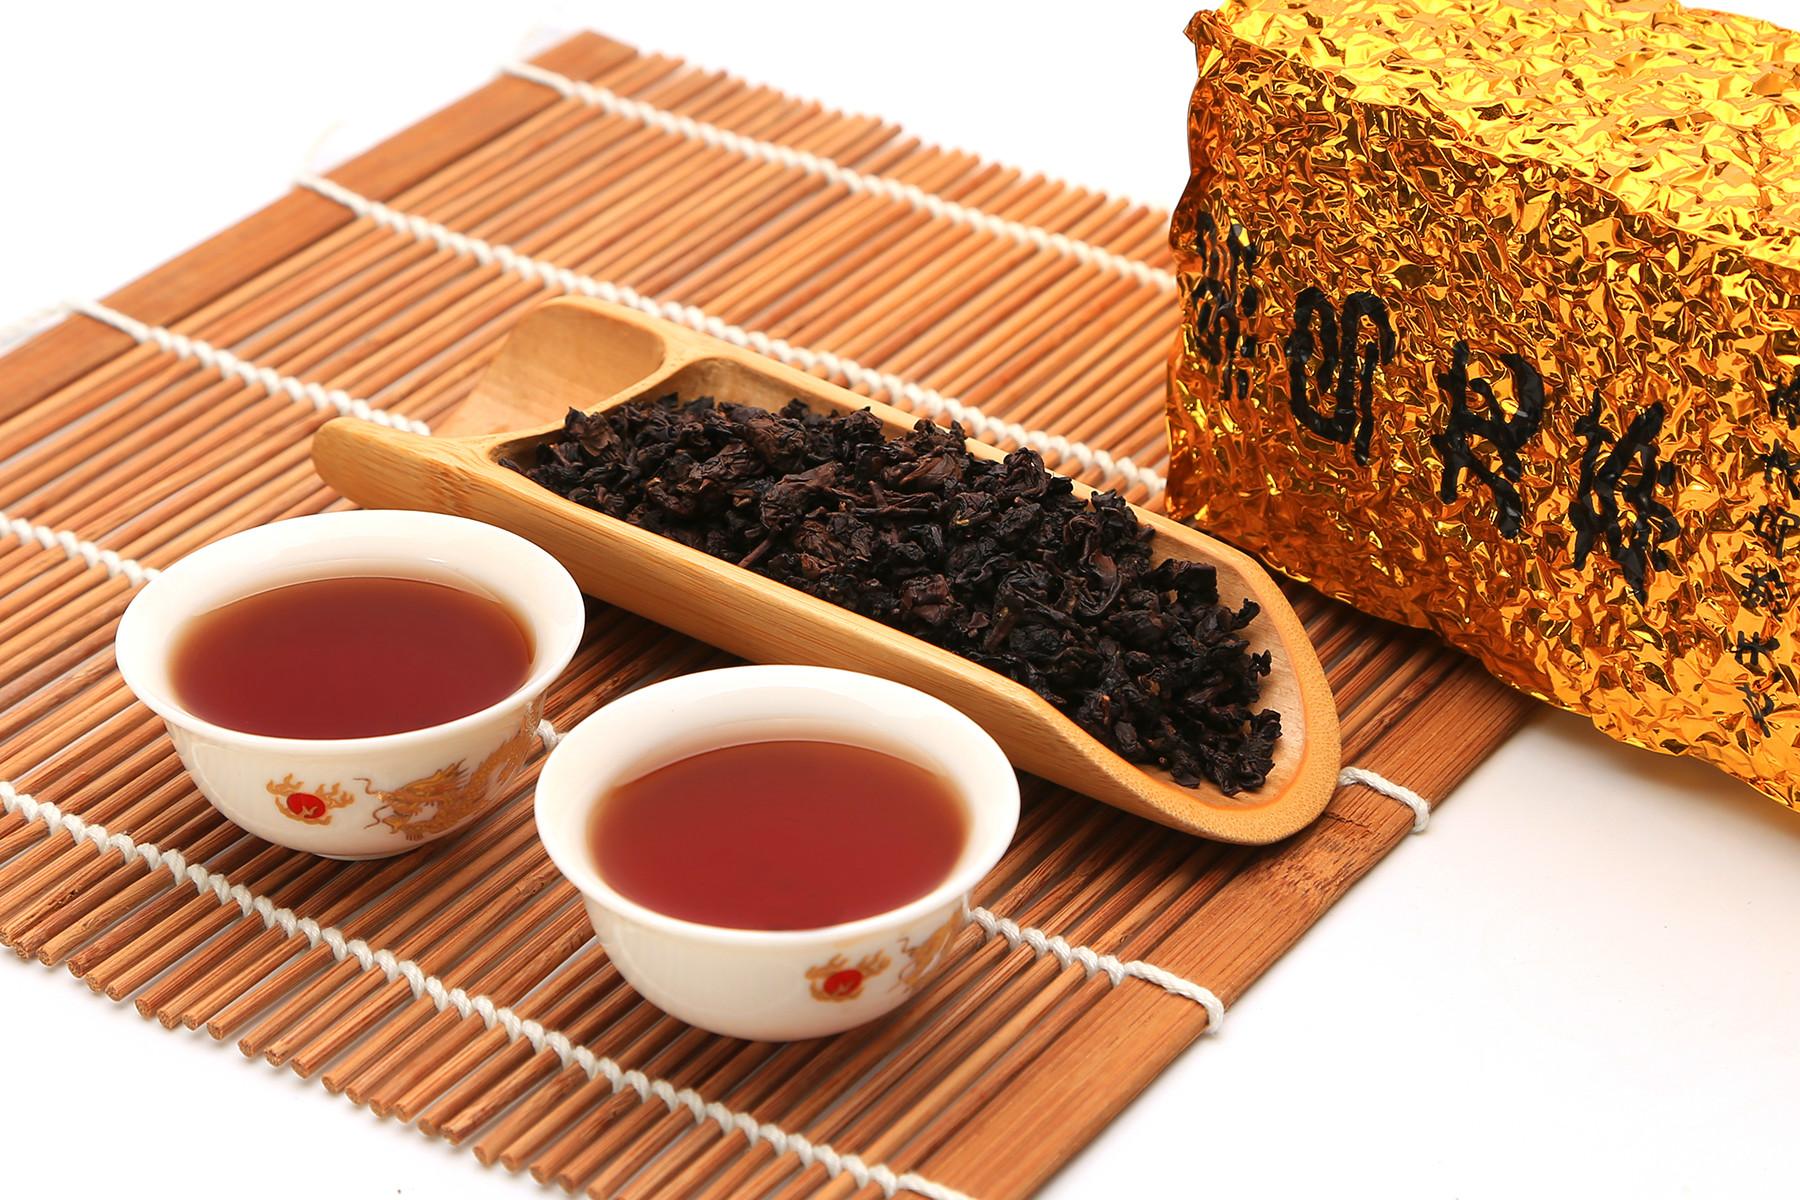 克高浓度茶叶 500 正品油切黑乌龙黑乌龙乌龙茶浓香型 黑乌龙茶